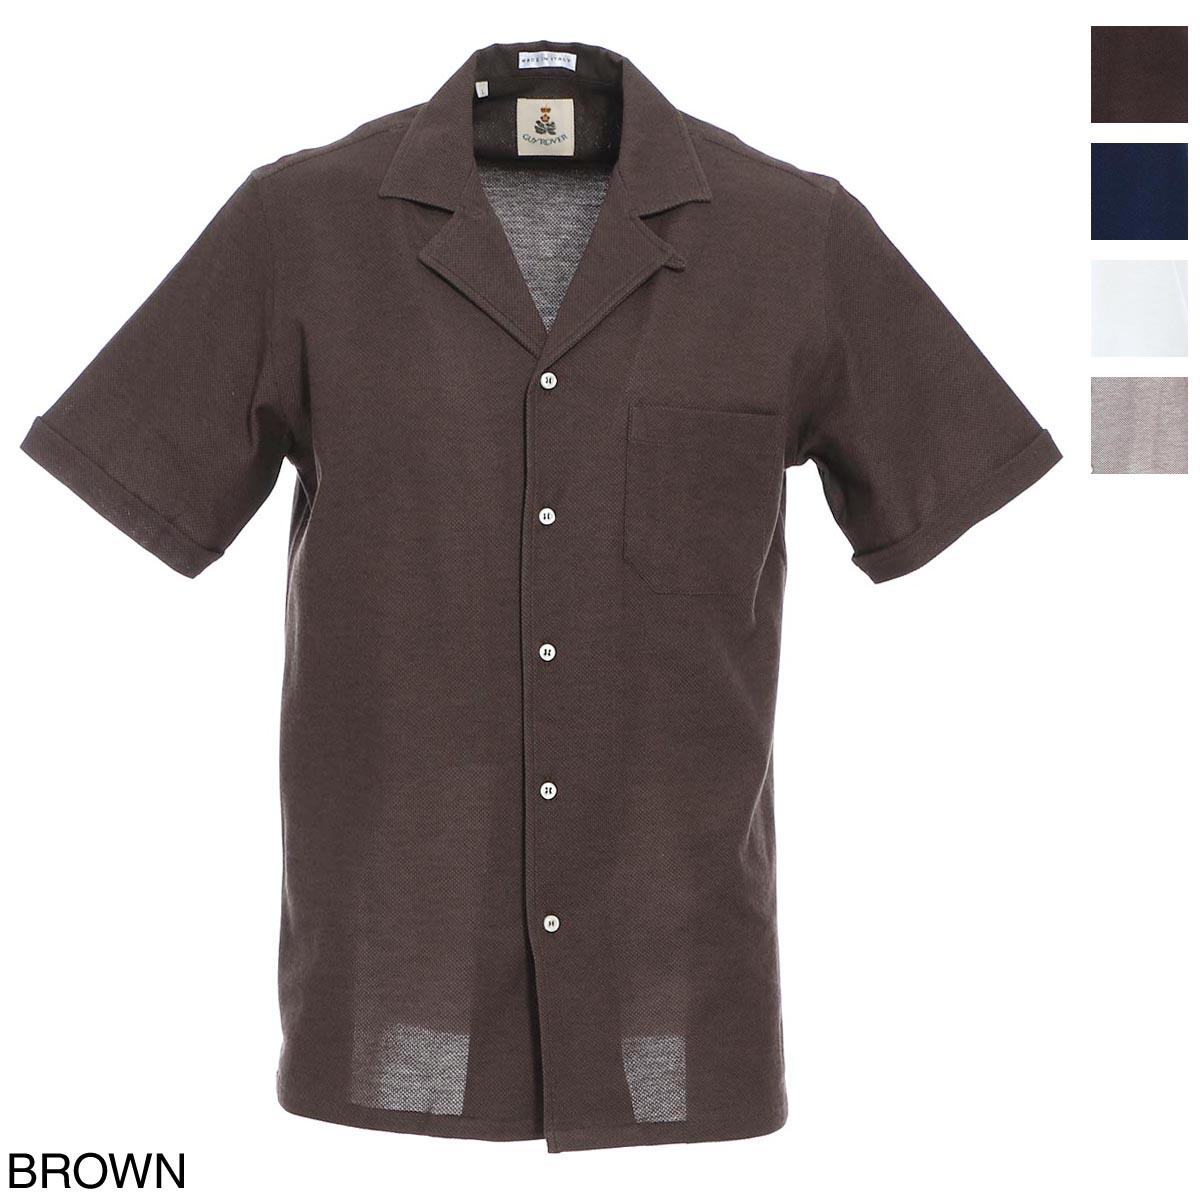 ギローバー GUY ROVER 半袖オープンカラーシャツ メンズ 2850pc359 501505 15【あす楽対応_関東】【返品送料無料】【ラッピング無料】